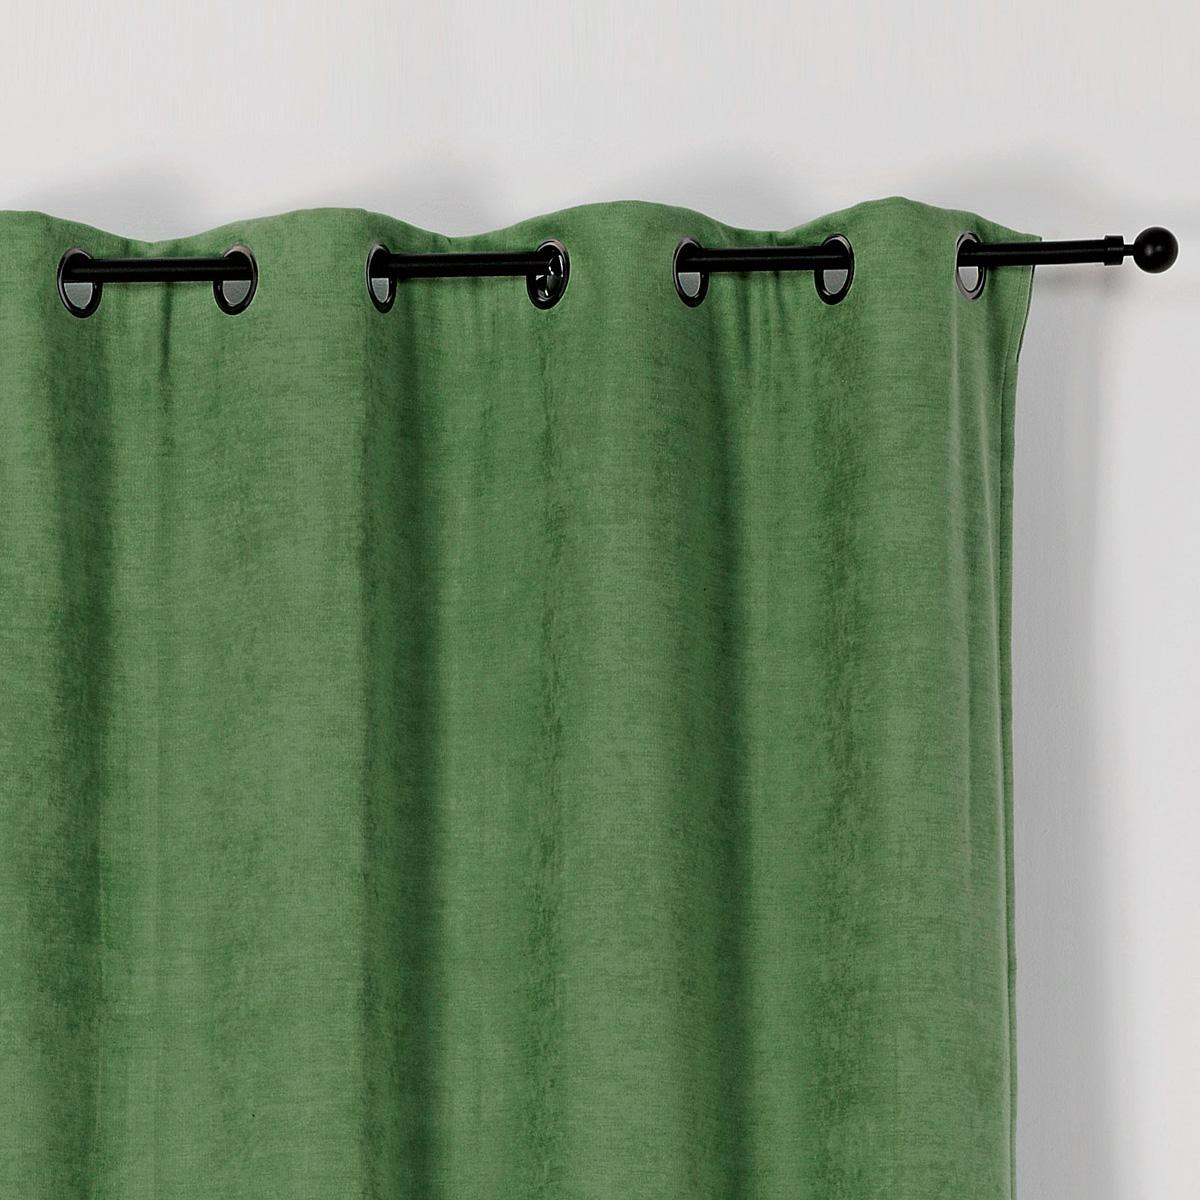 Rideau occultant et isolant avec envers gratté (Vert)